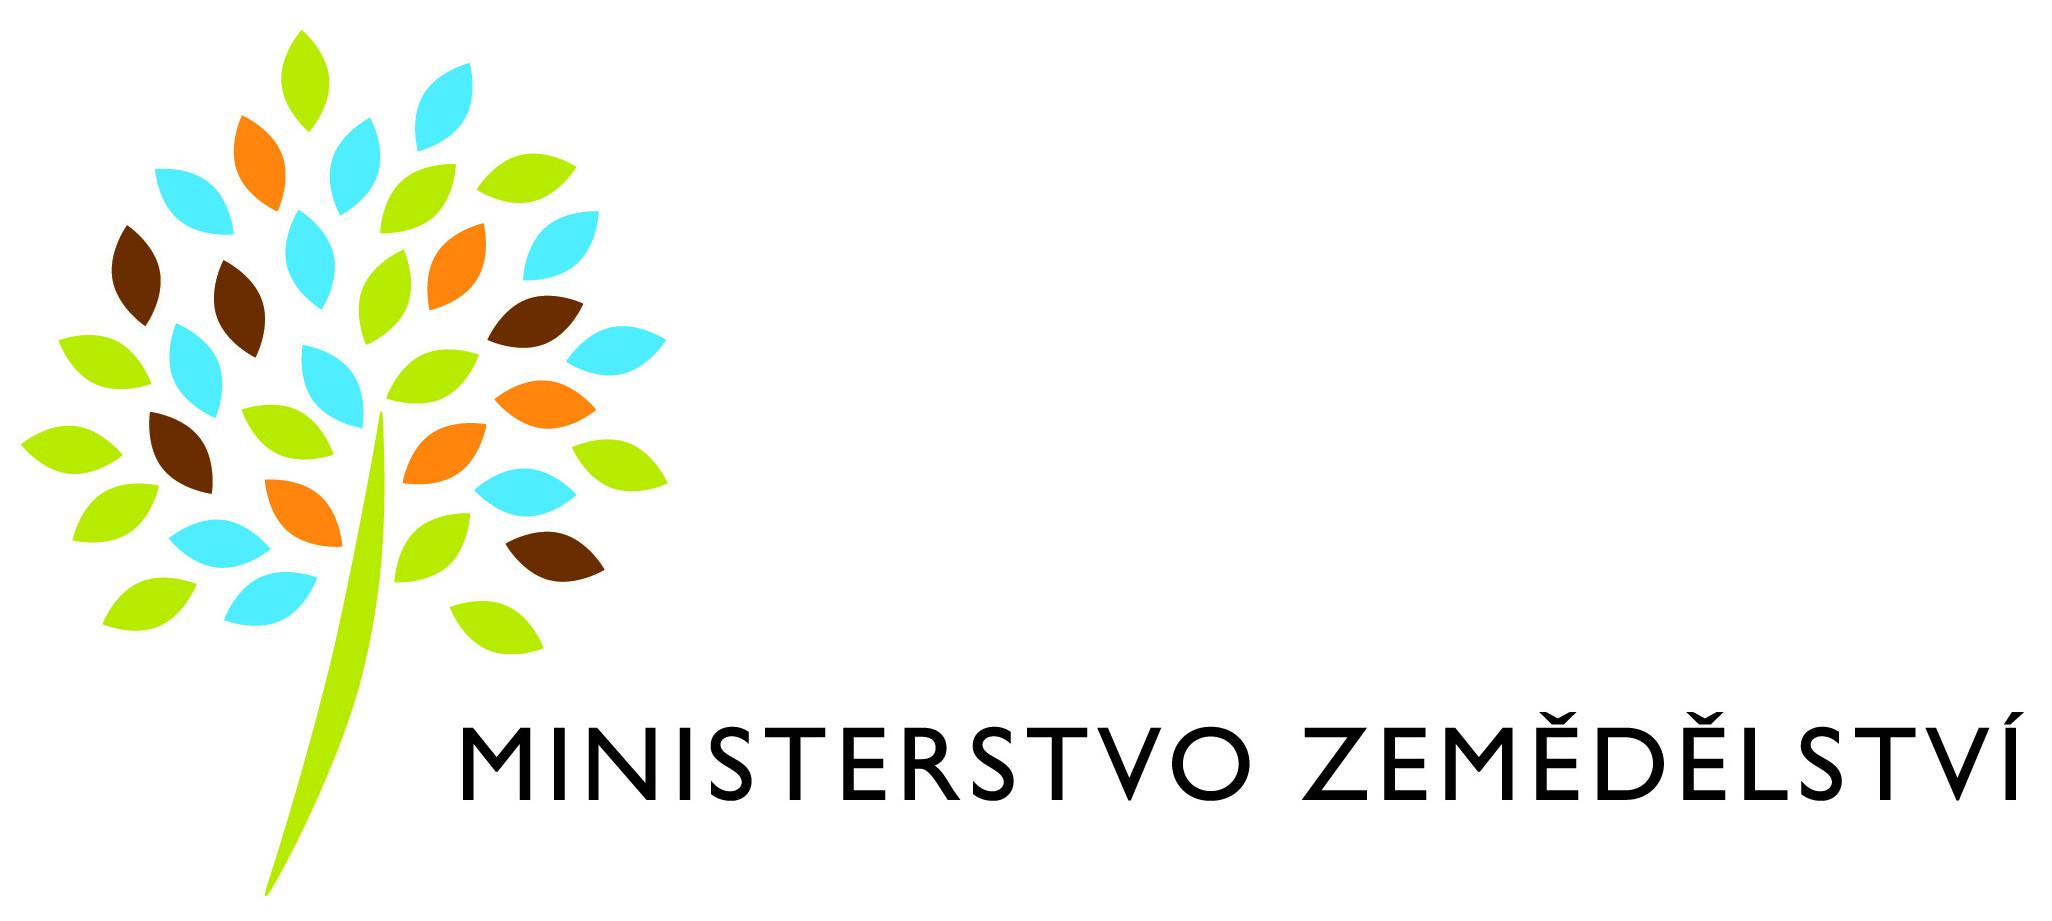 Ministerstvo otevře v příštím roce nové programy na obnovu kulturního dědictví venkova i na nákup plemenných zvířat